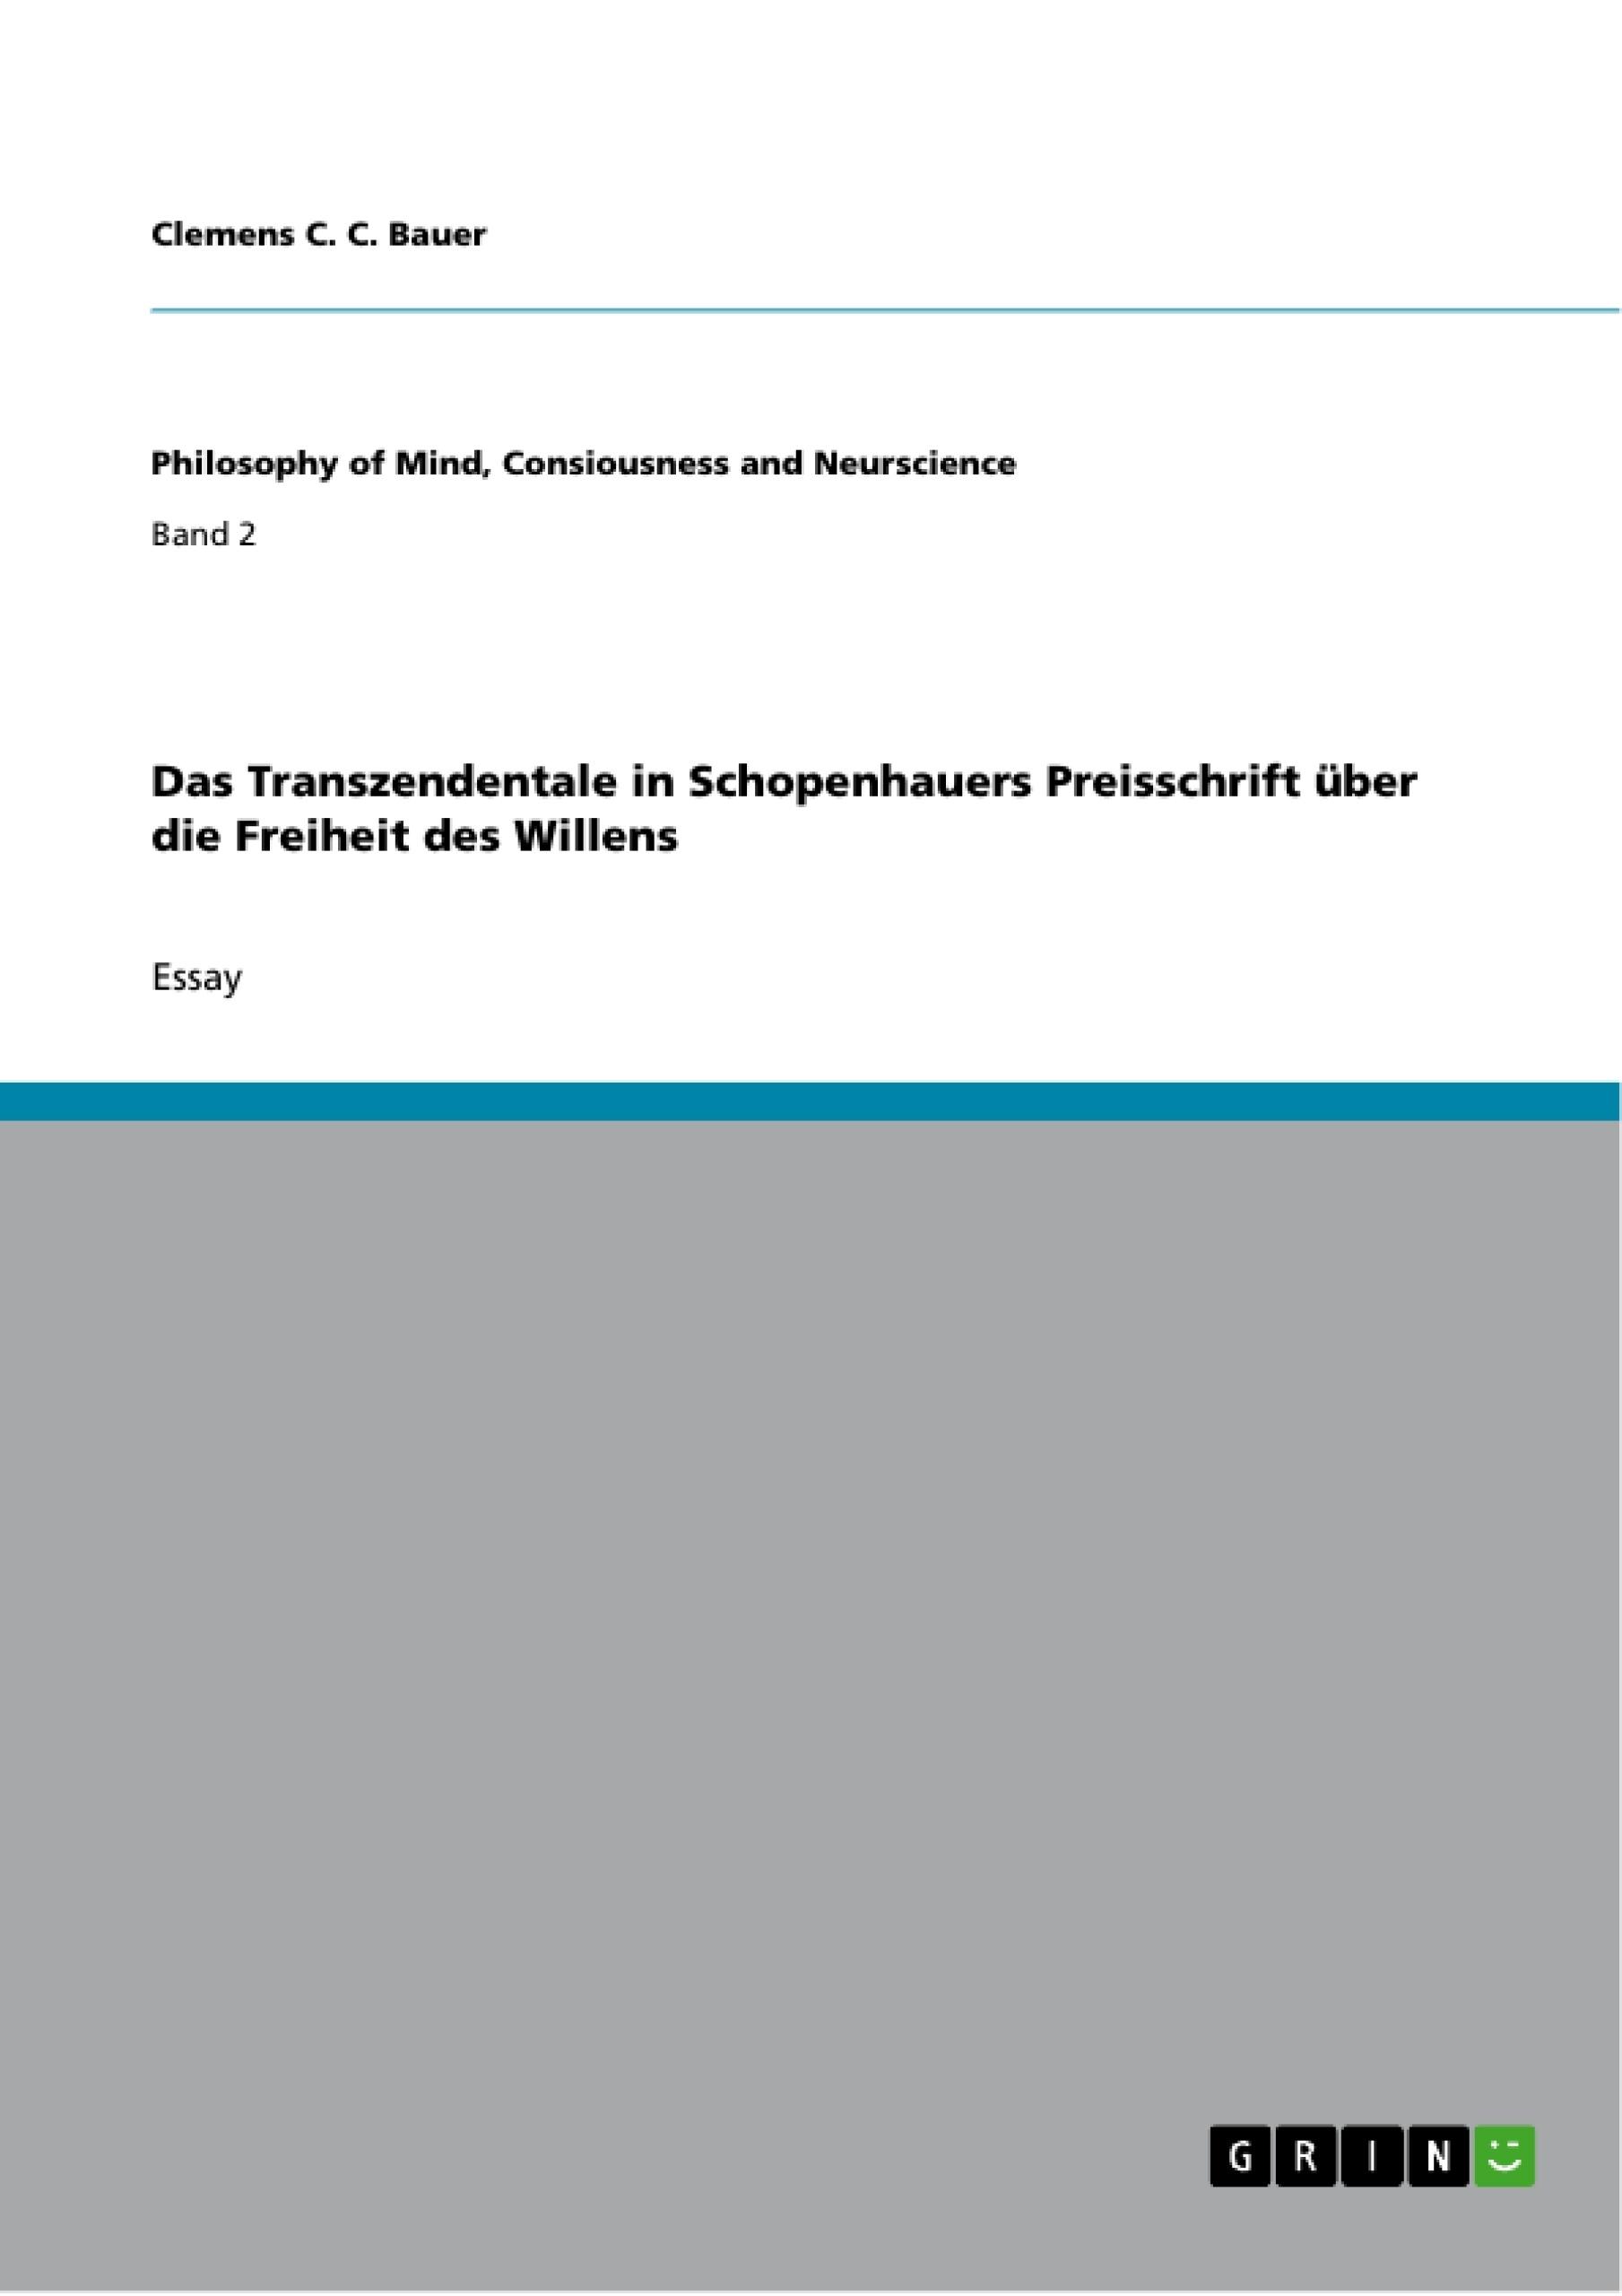 Titel: Das Transzendentale in Schopenhauers Preisschrift über die Freiheit des Willens